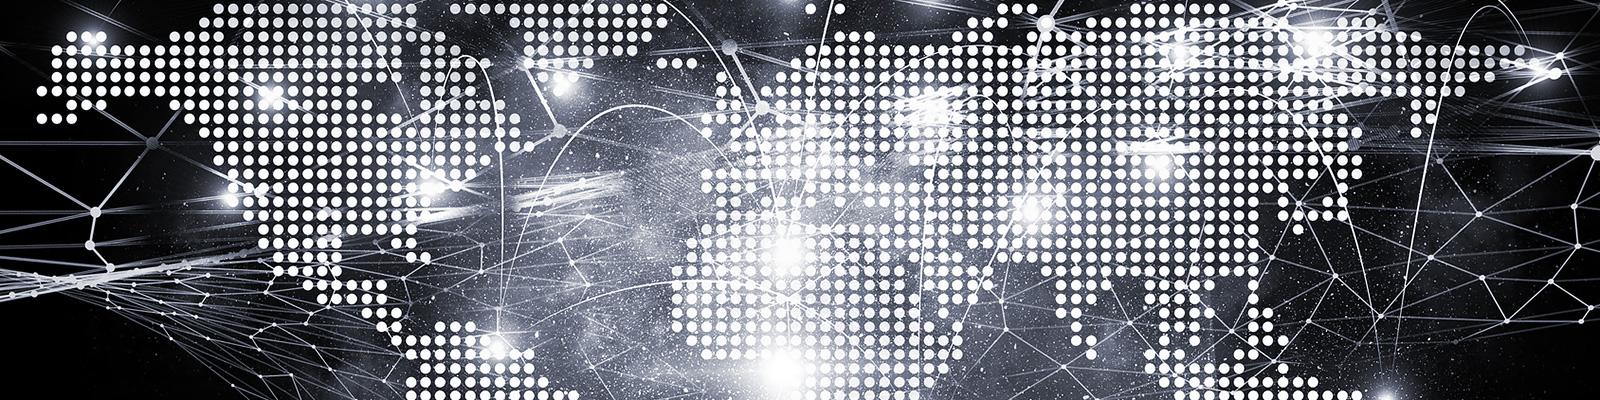 世界 ネットワーク ポイント イメージ